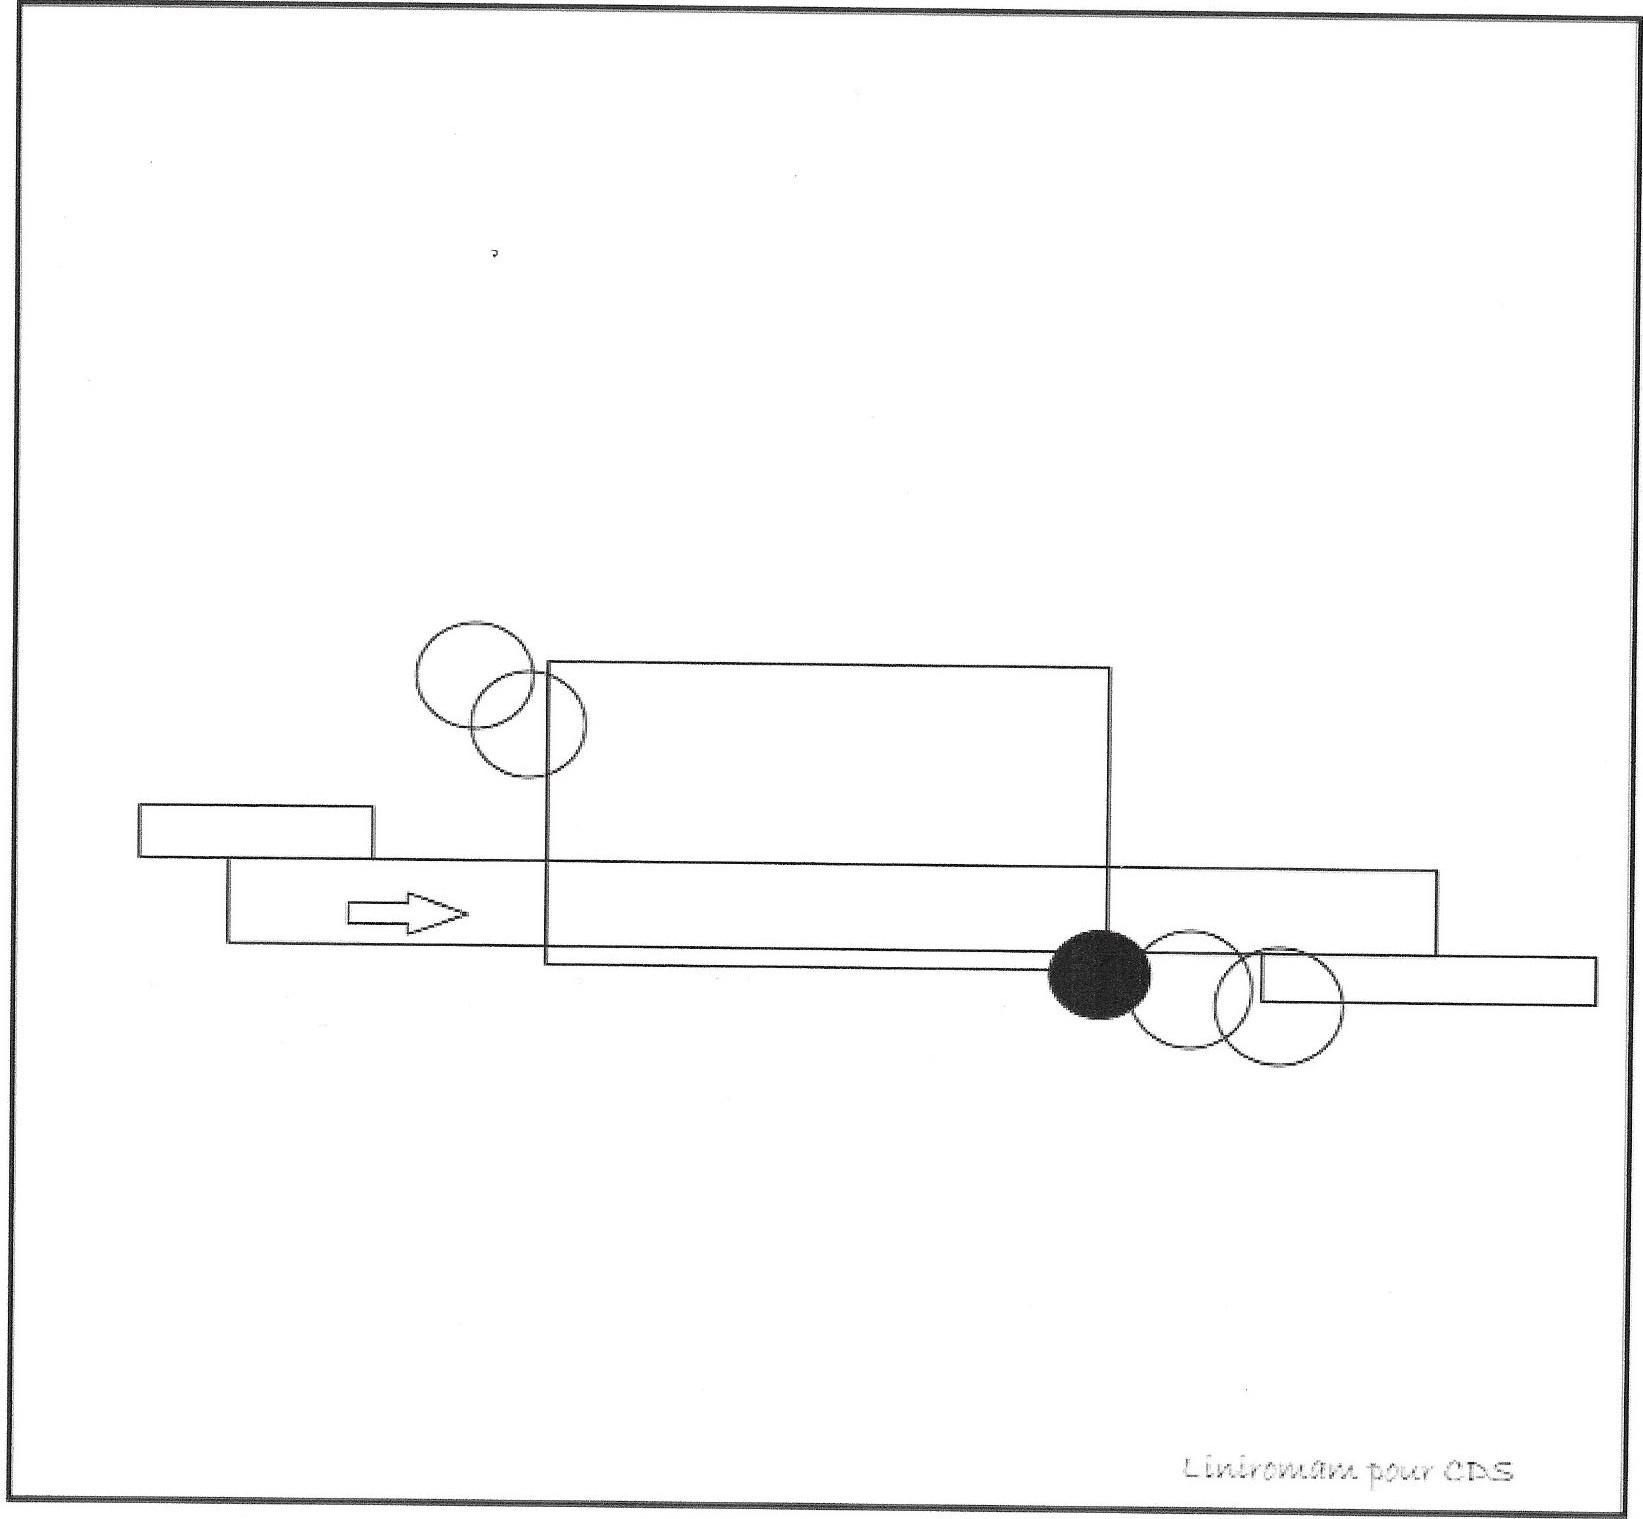 Sketch de Liniromam pour Comptoir du scrap Février 2017